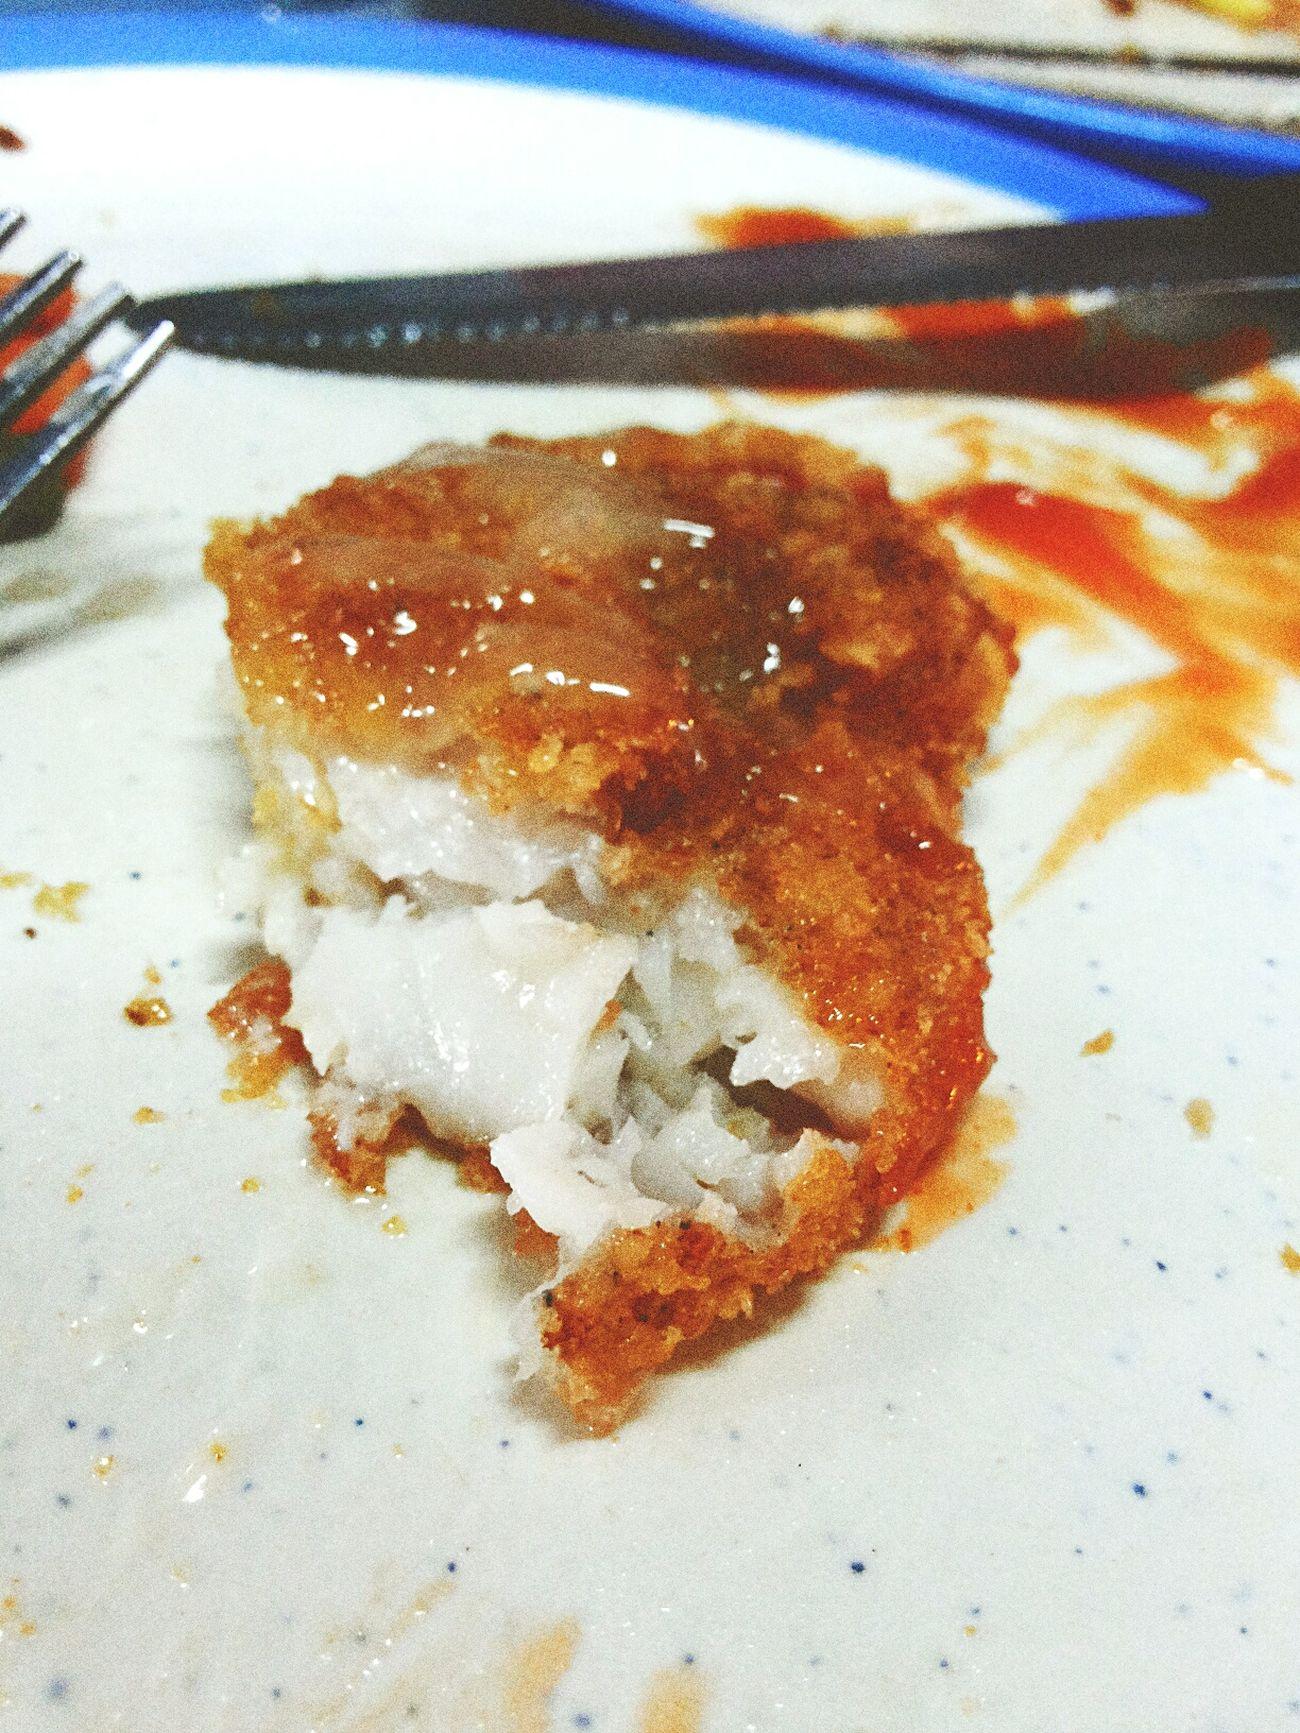 เลี่ยนนิสนุงแต่ก็อร่อย Food Ate Steak Dinner Fish Delicious Good